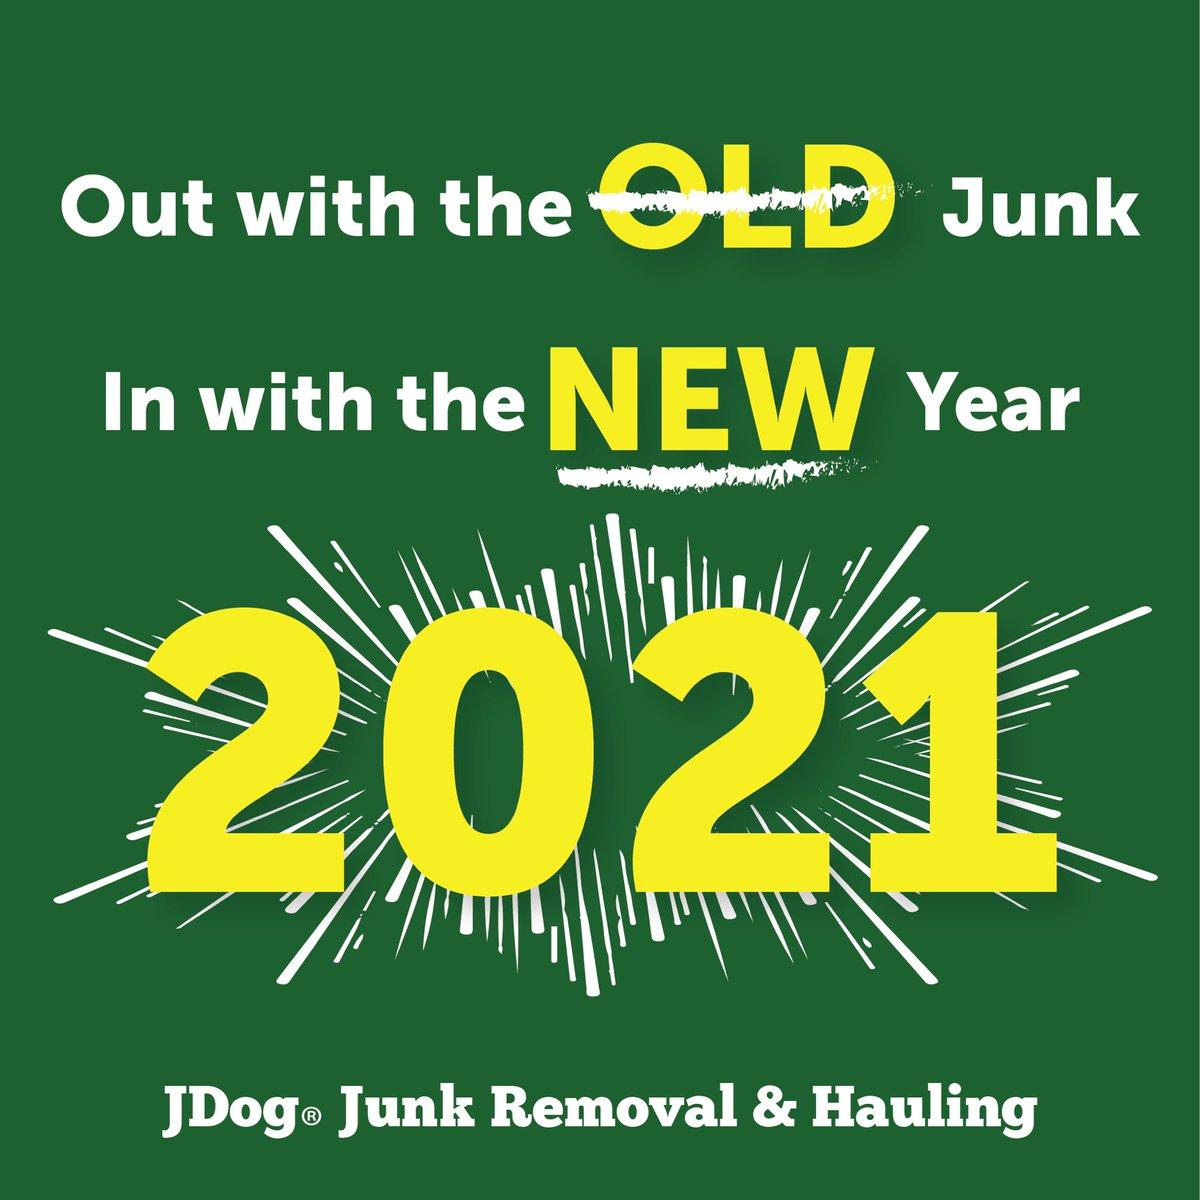 Happy New Years! #NewYearsEve #buckscounty #warminsterpa #doylestownpa #junk #jdog #GoodBye2020 #HappyNewYear2021